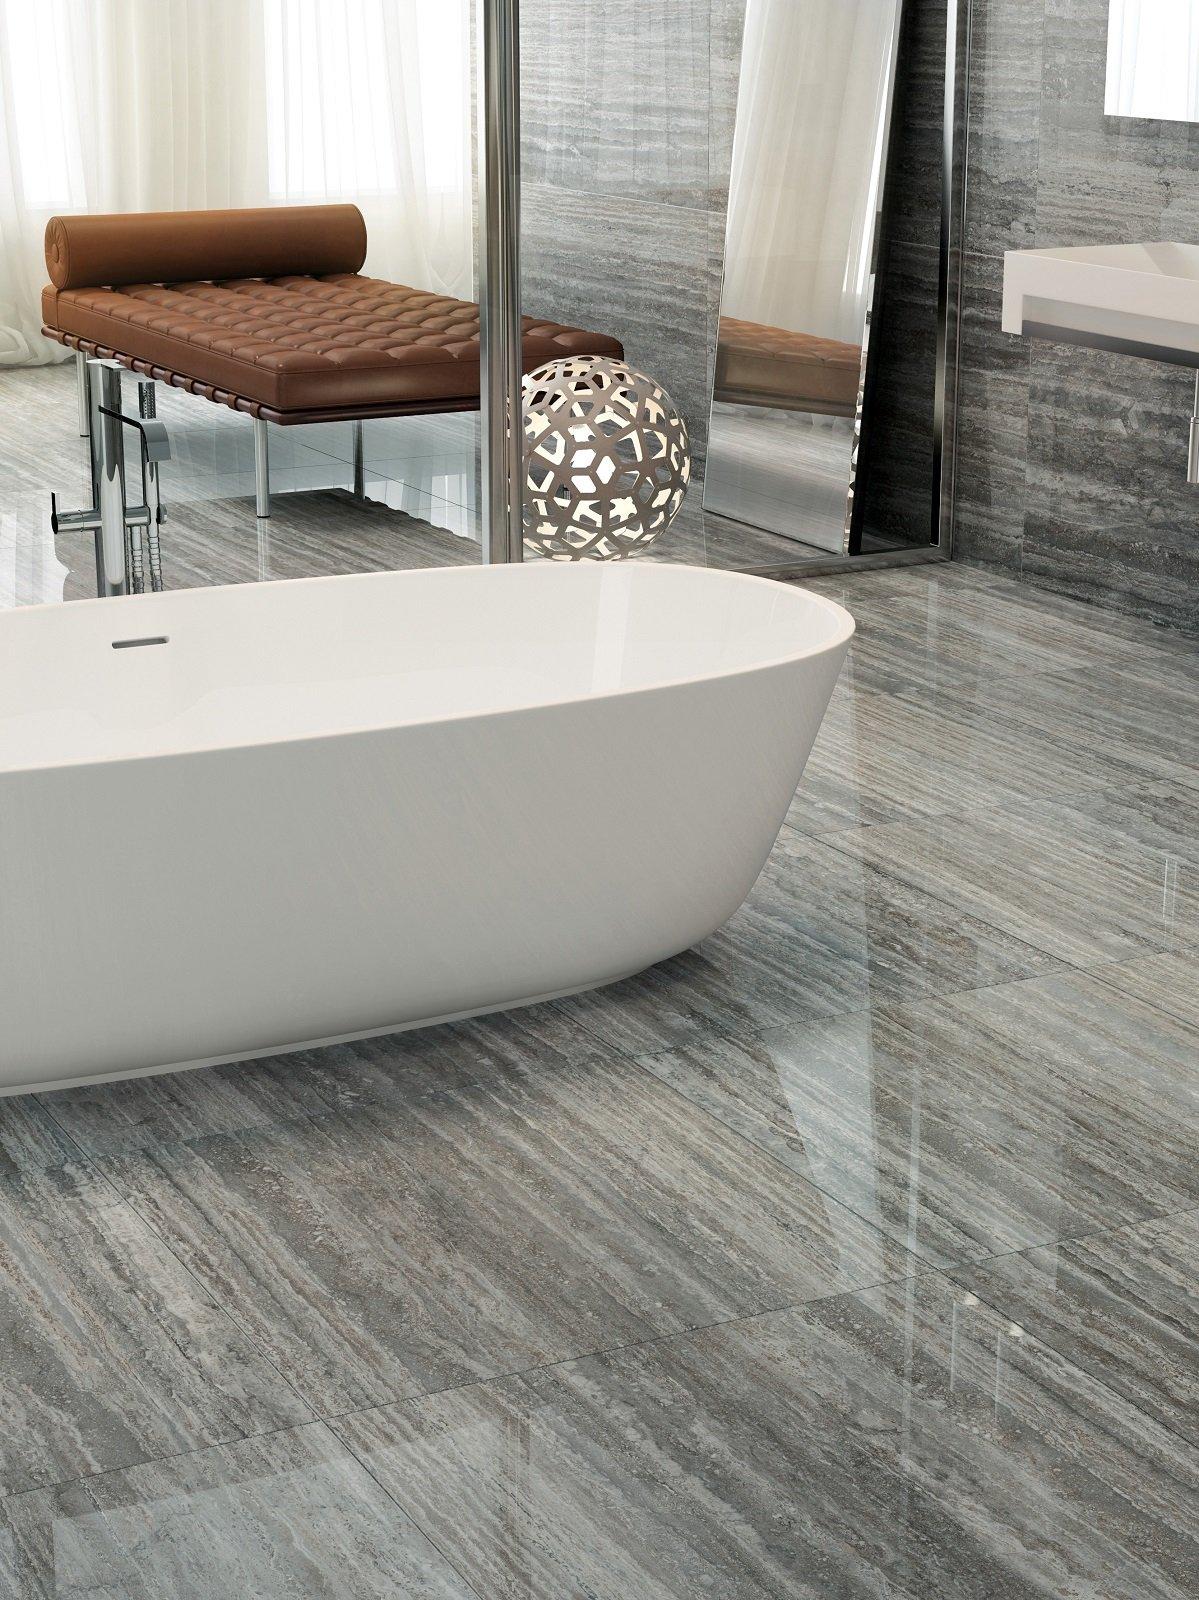 Pavimenti per il bagno gres in tante versioni - Pavimento in legno per bagno ...